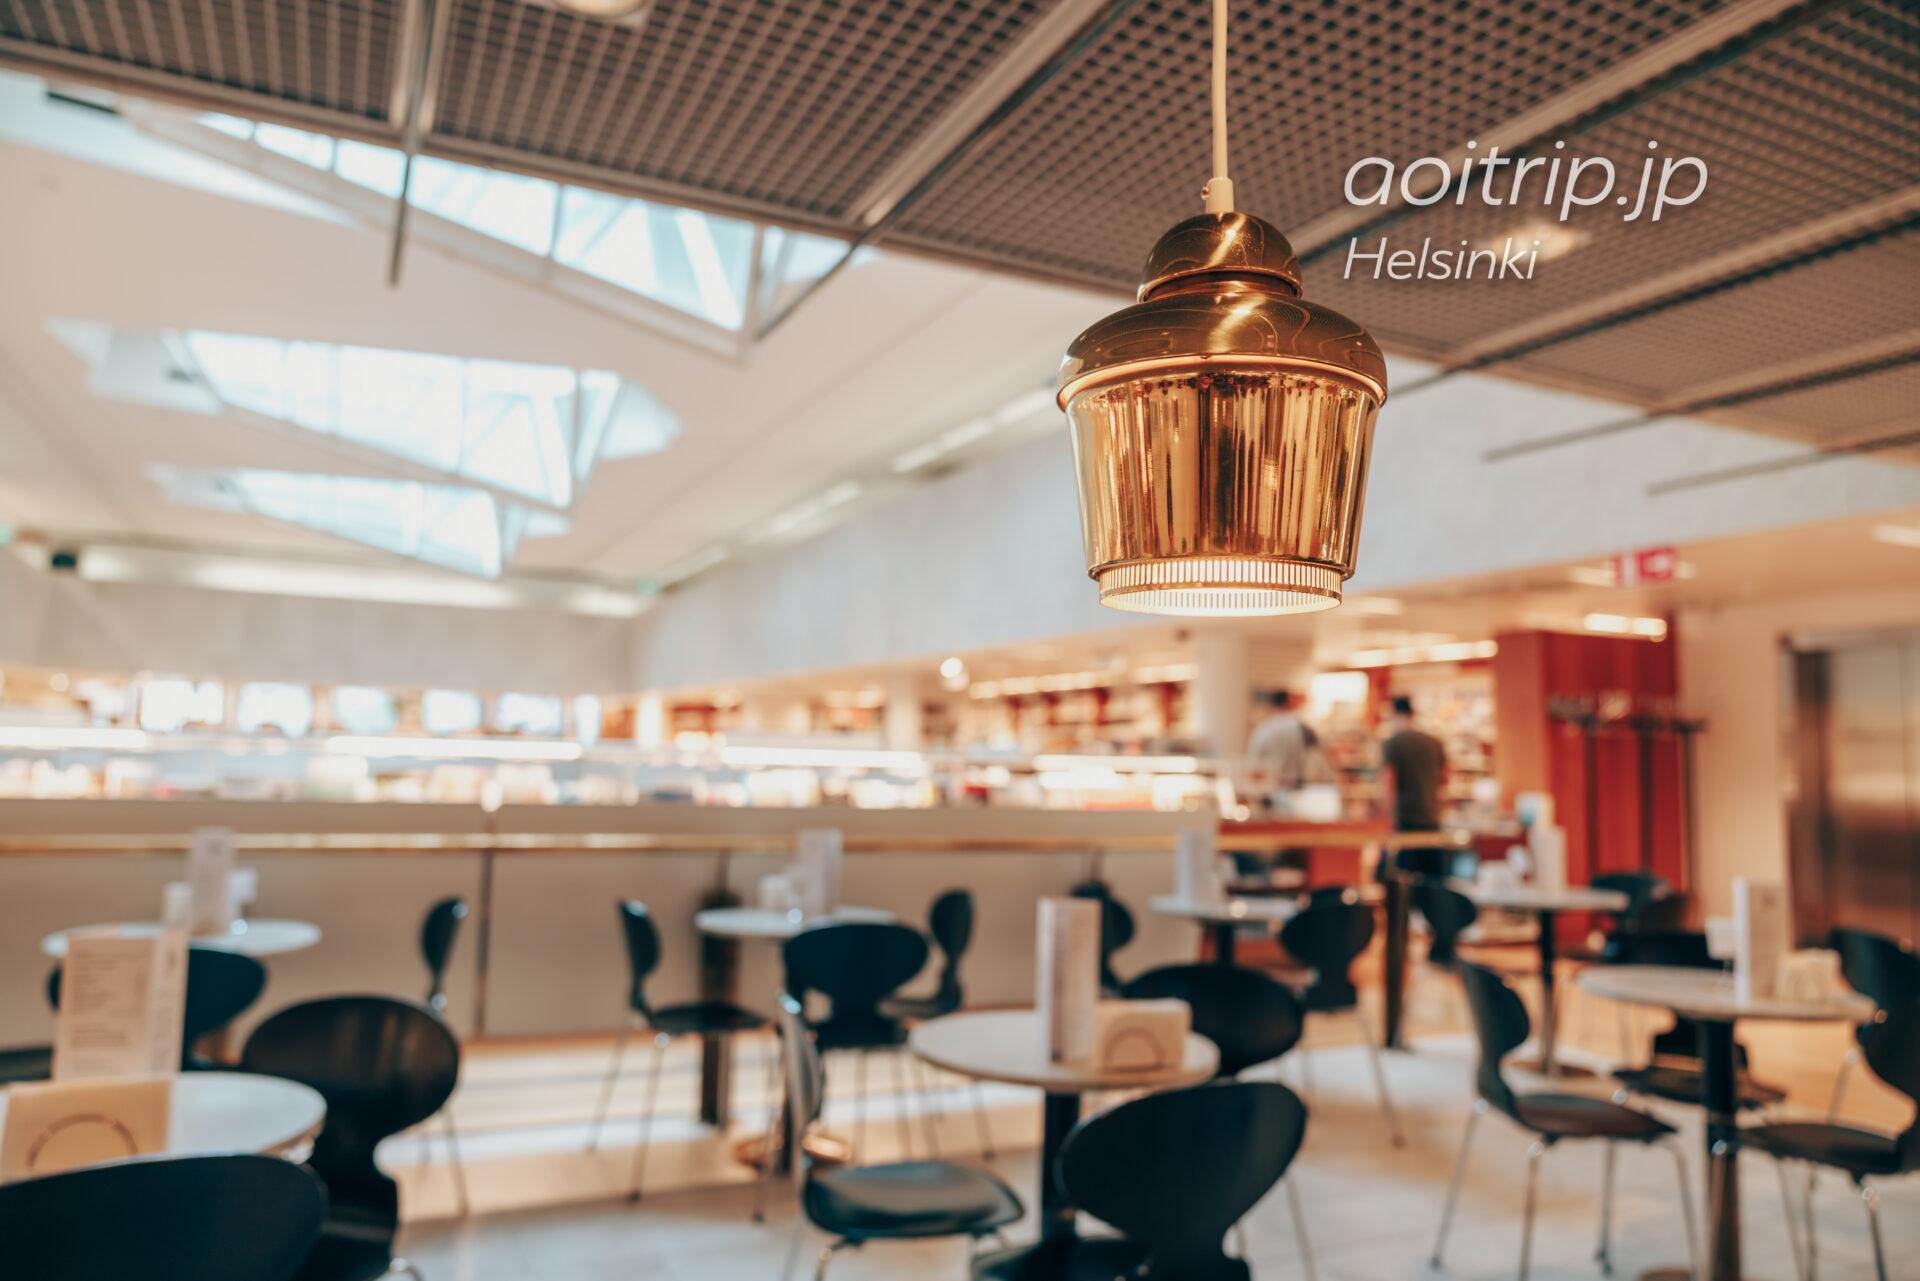 ヘルシンキのカフェ アアルト